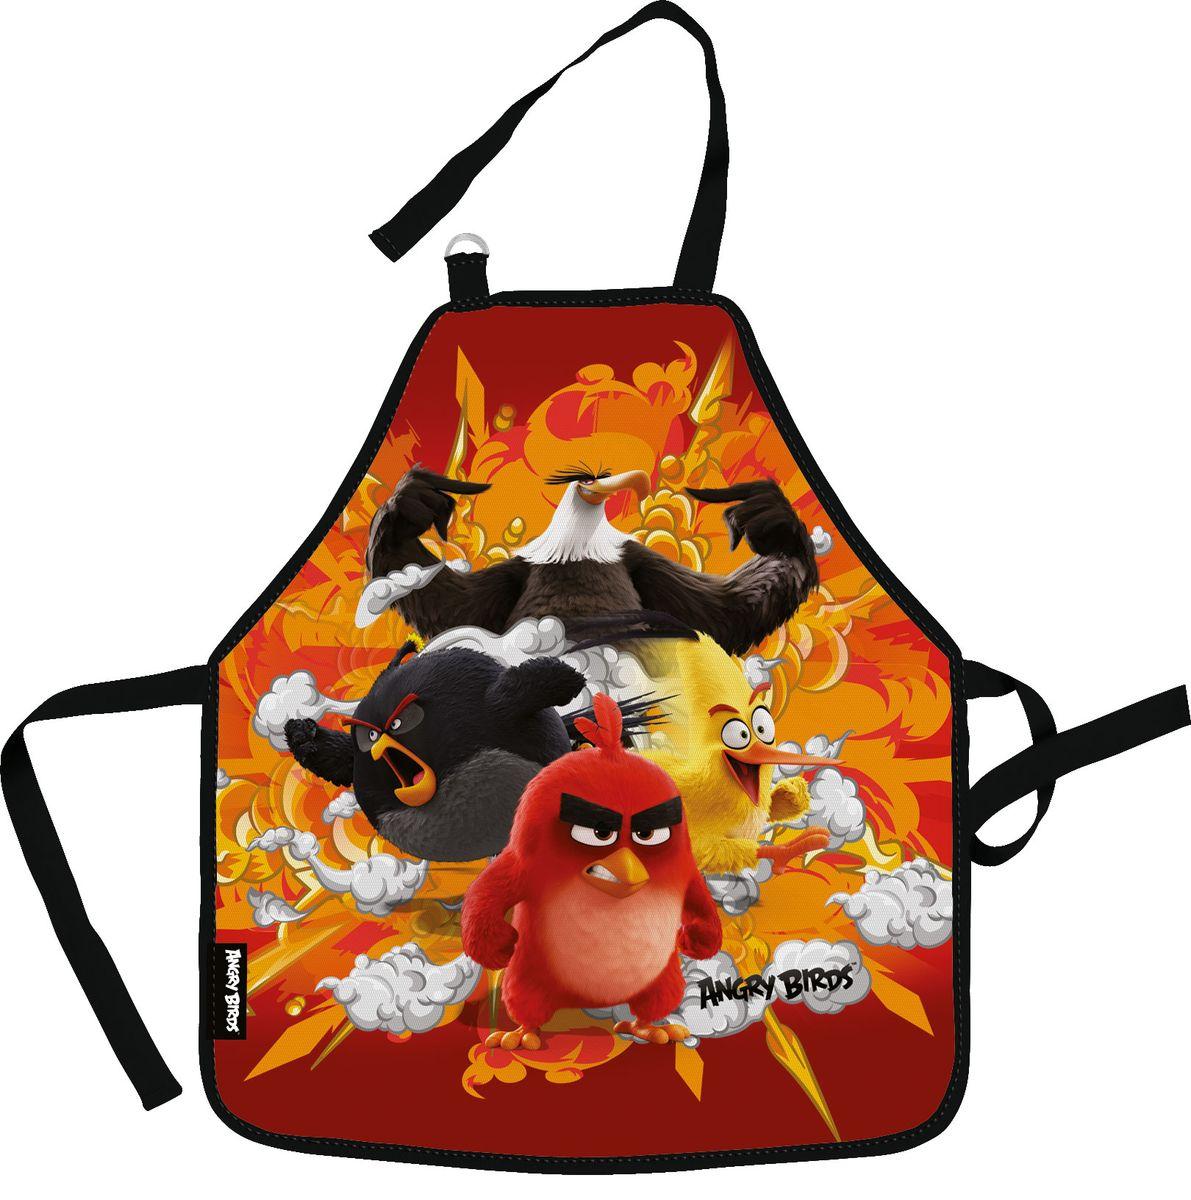 Angry Birds Movie Фартук для труда с нарукавниками цвет красный оранжевый черный